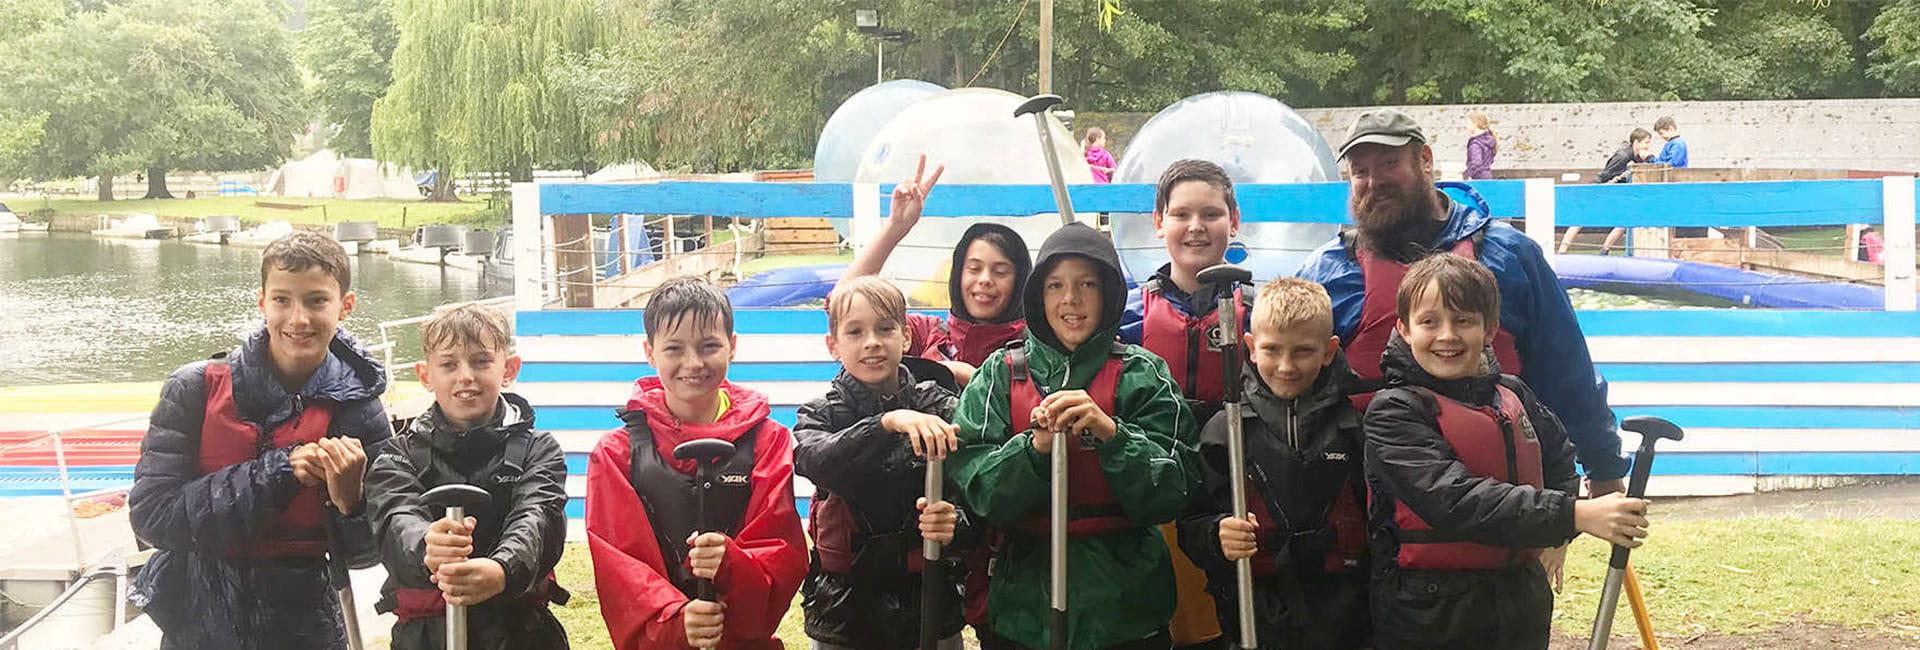 Horsham Youth takes on Longridge